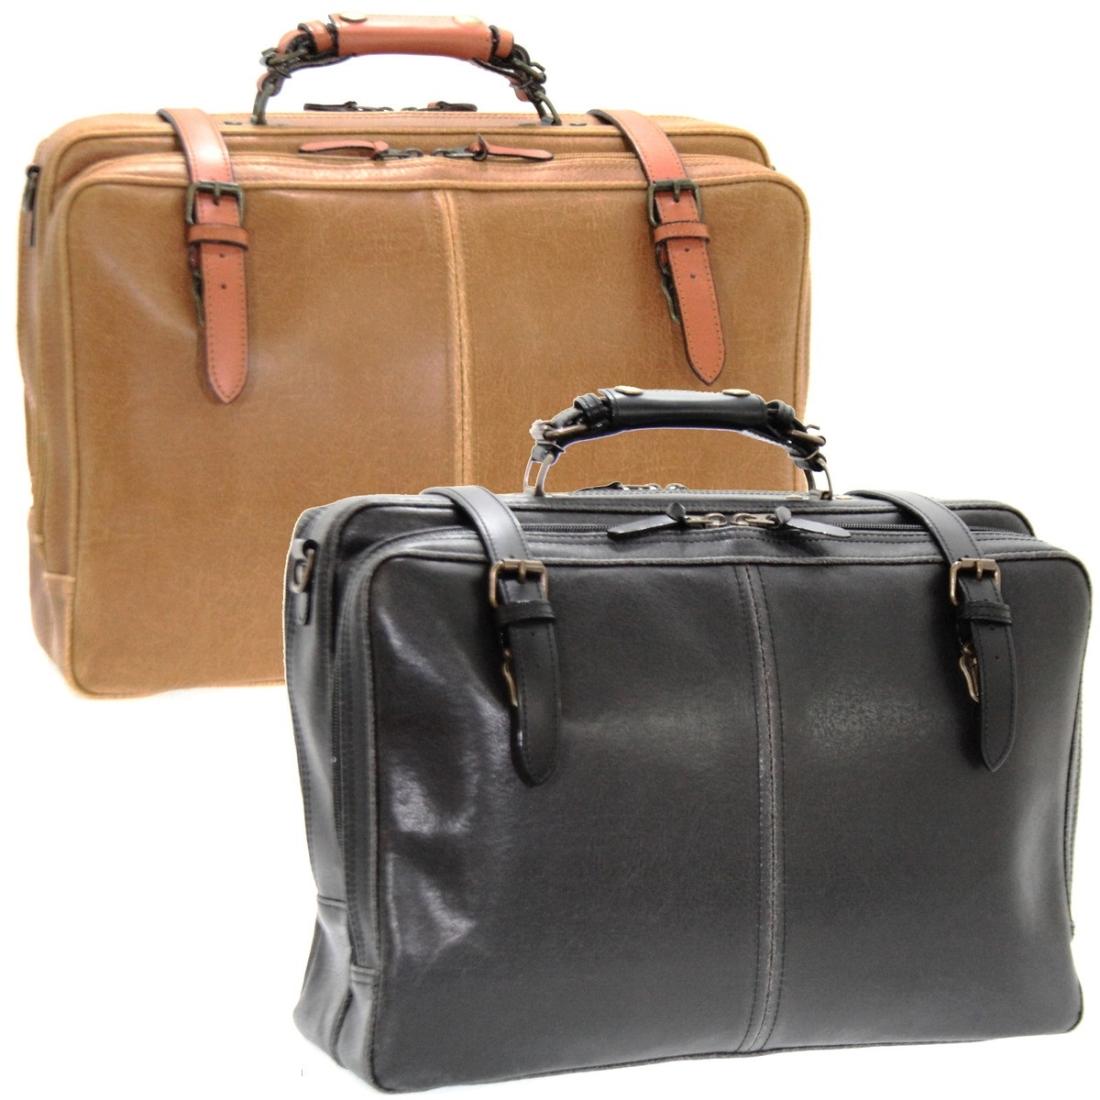 アンティーク調フェイクレザービジネス 仕事 バッグ ブラック 日本製革 ボストン バッグ ブルーム ビジネス 仕事 トラベル 旅行 バッグ ショルダー ベルト